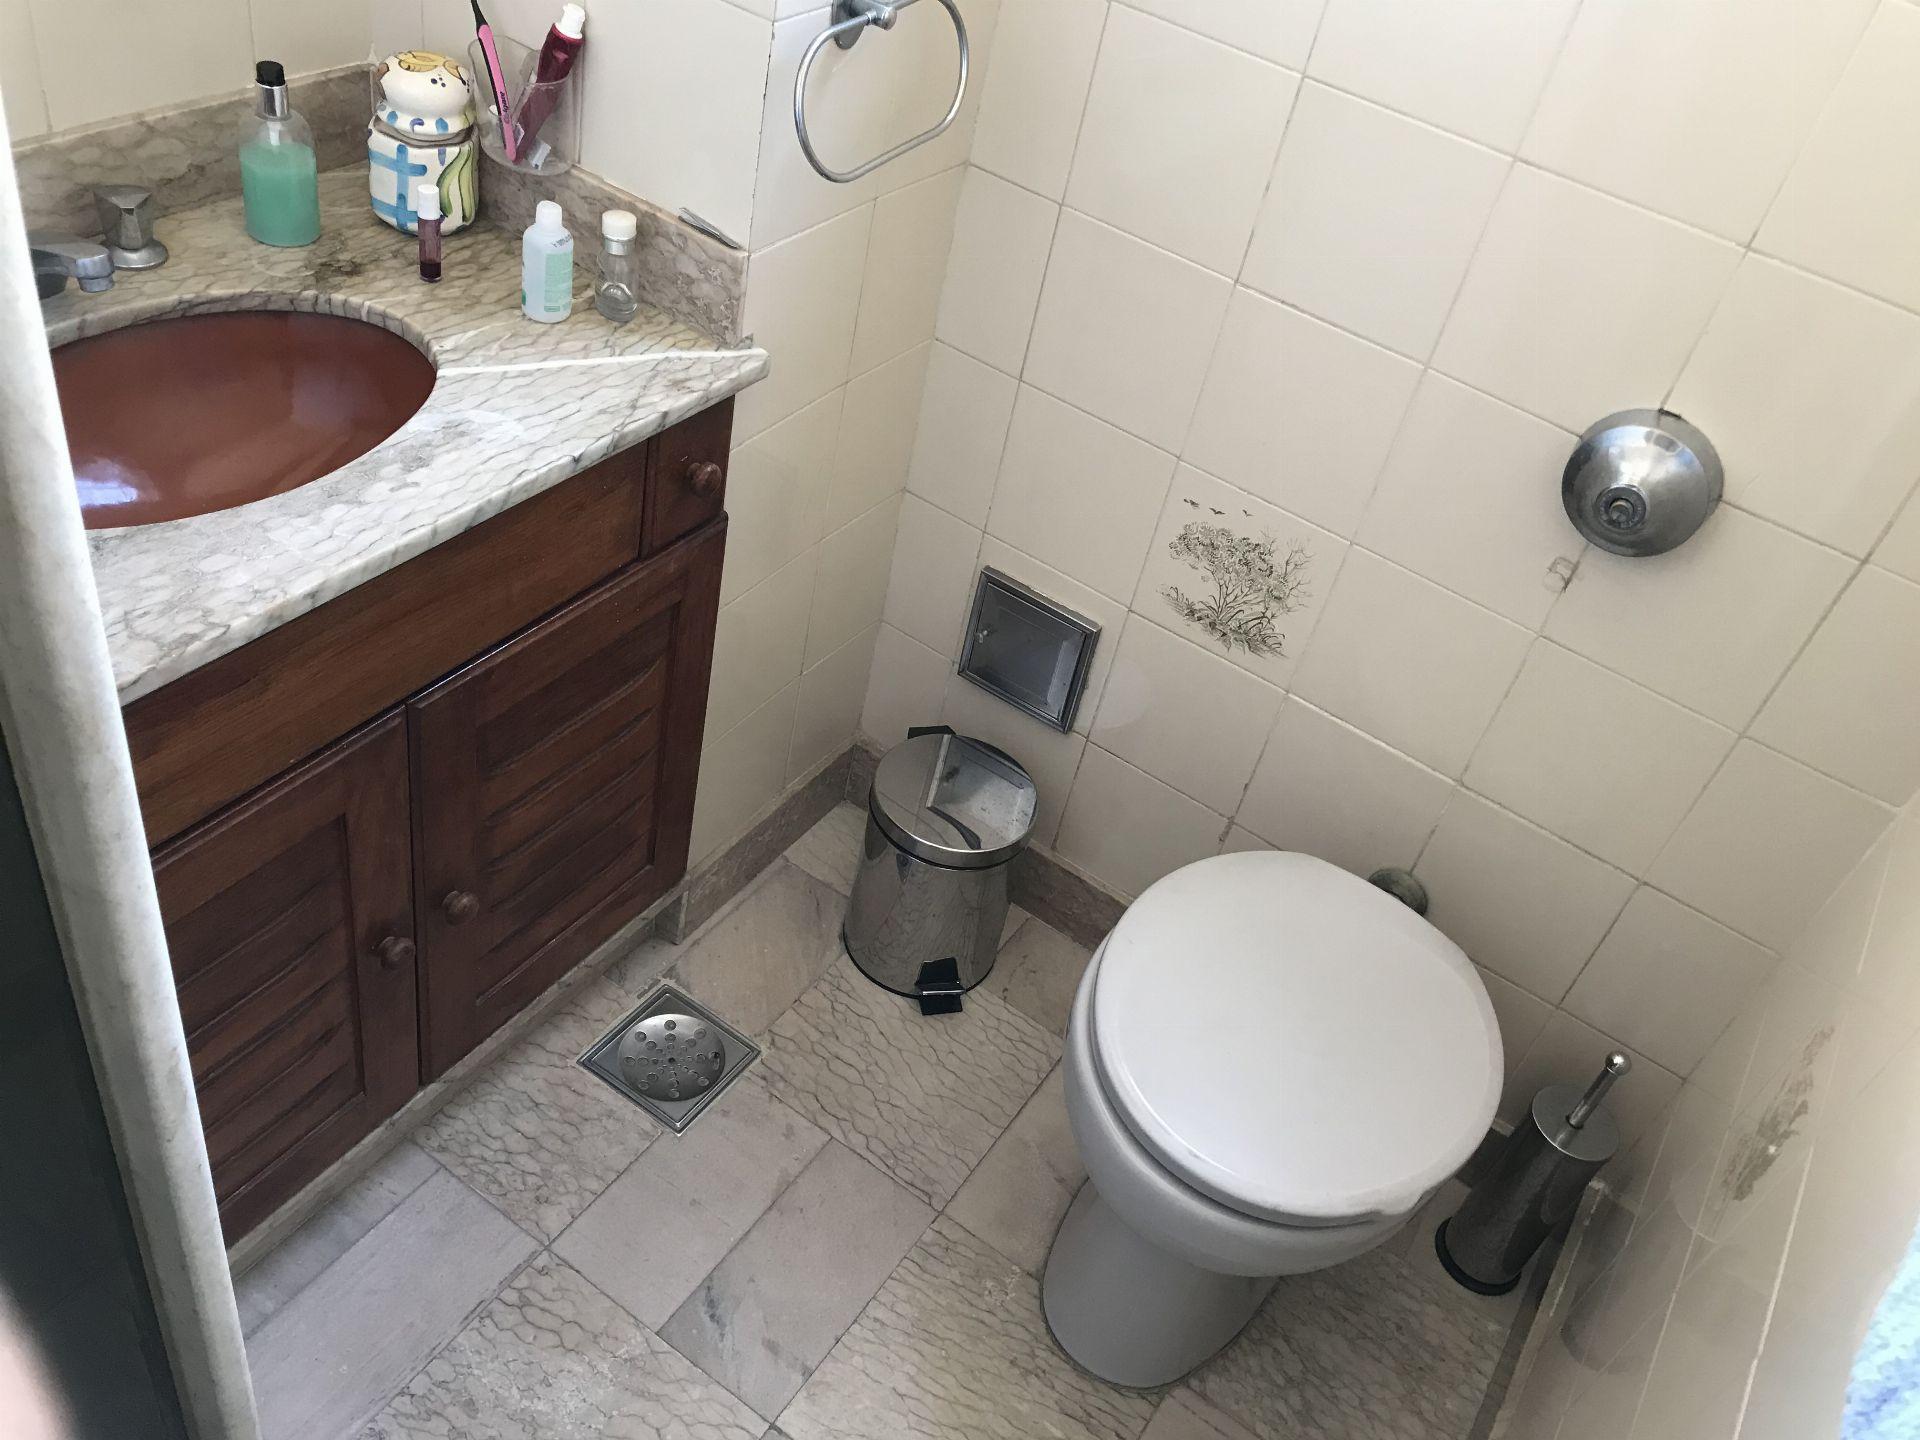 FOTO 5 - Apartamento à venda Rua Capitão Menezes,Praça Seca, Rio de Janeiro - R$ 290.000 - RF175 - 6